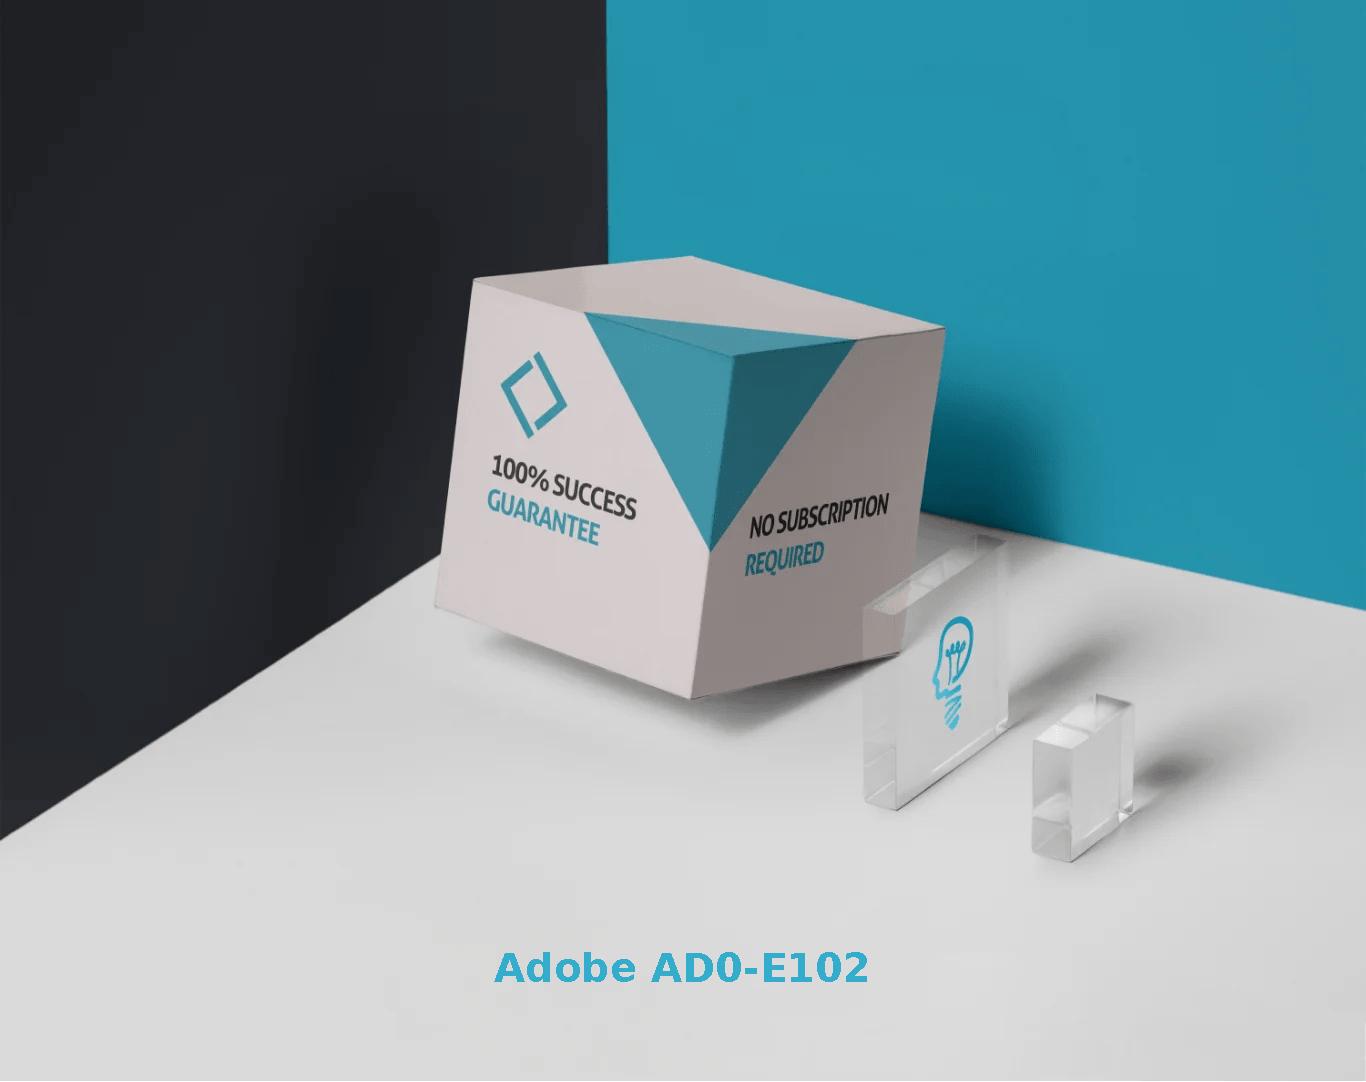 AD0-E102 Dumps